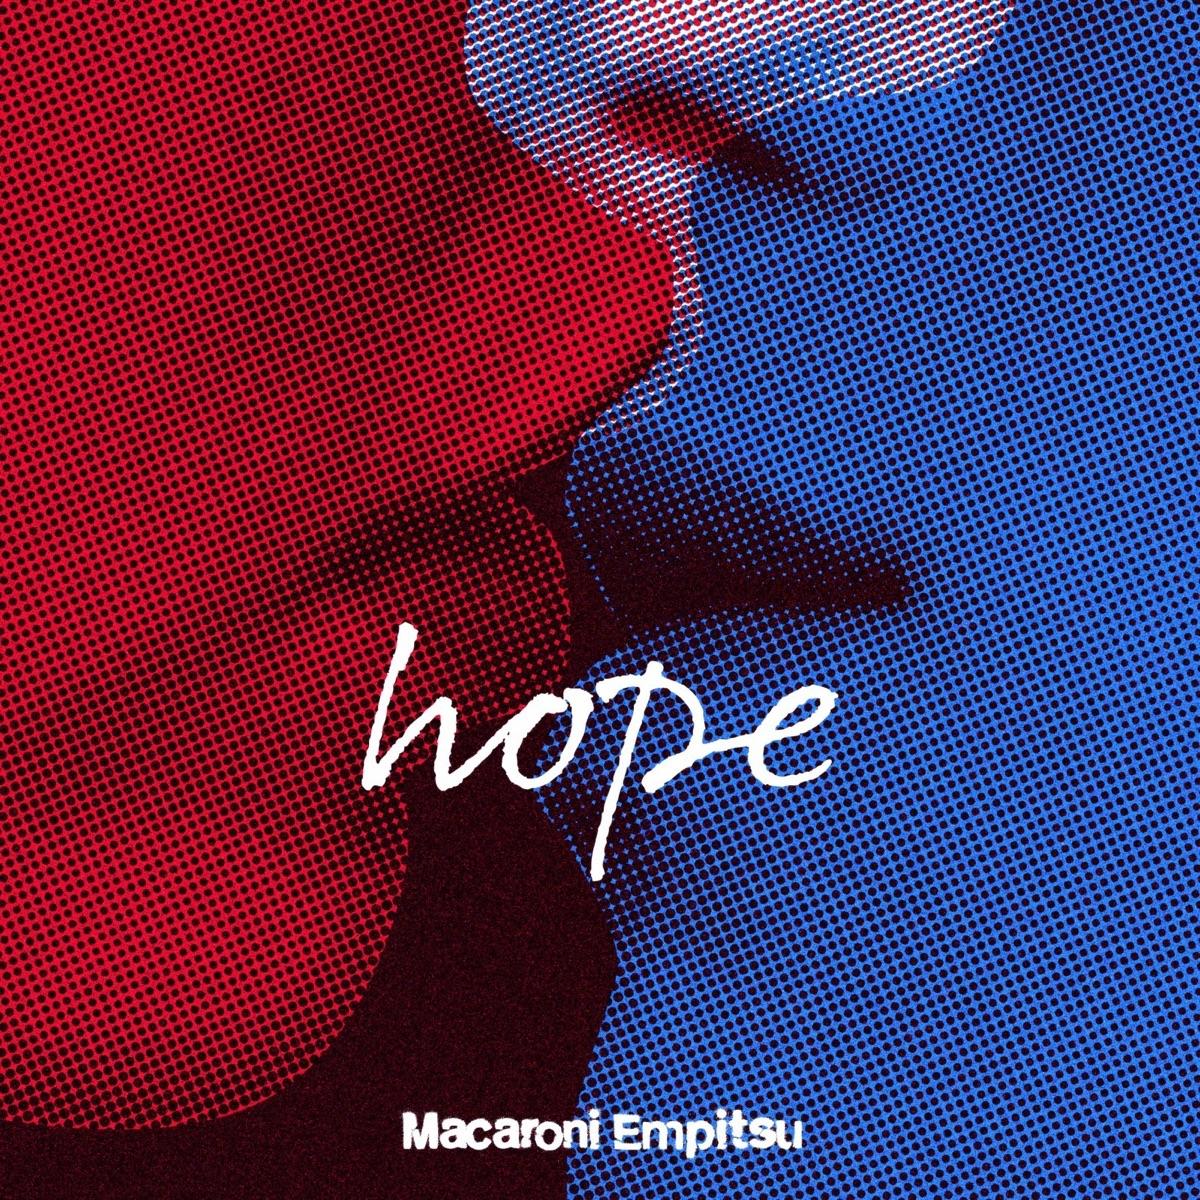 『マカロニえんぴつ - hope』収録の『hope』ジャケット